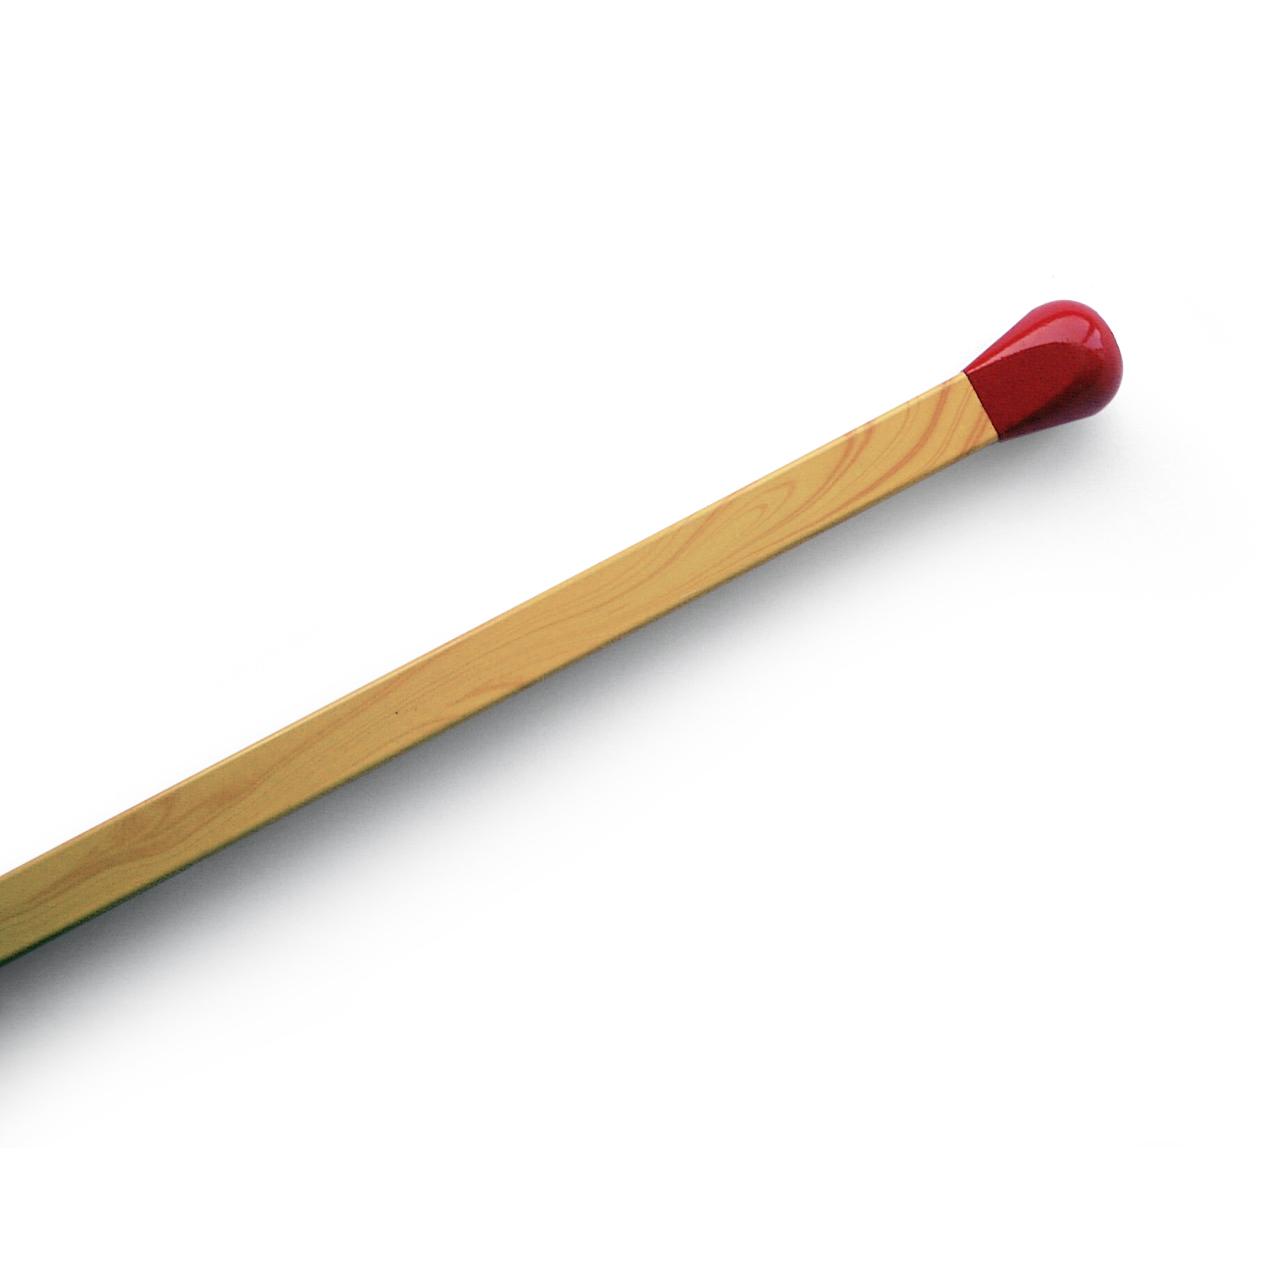 matchsticks